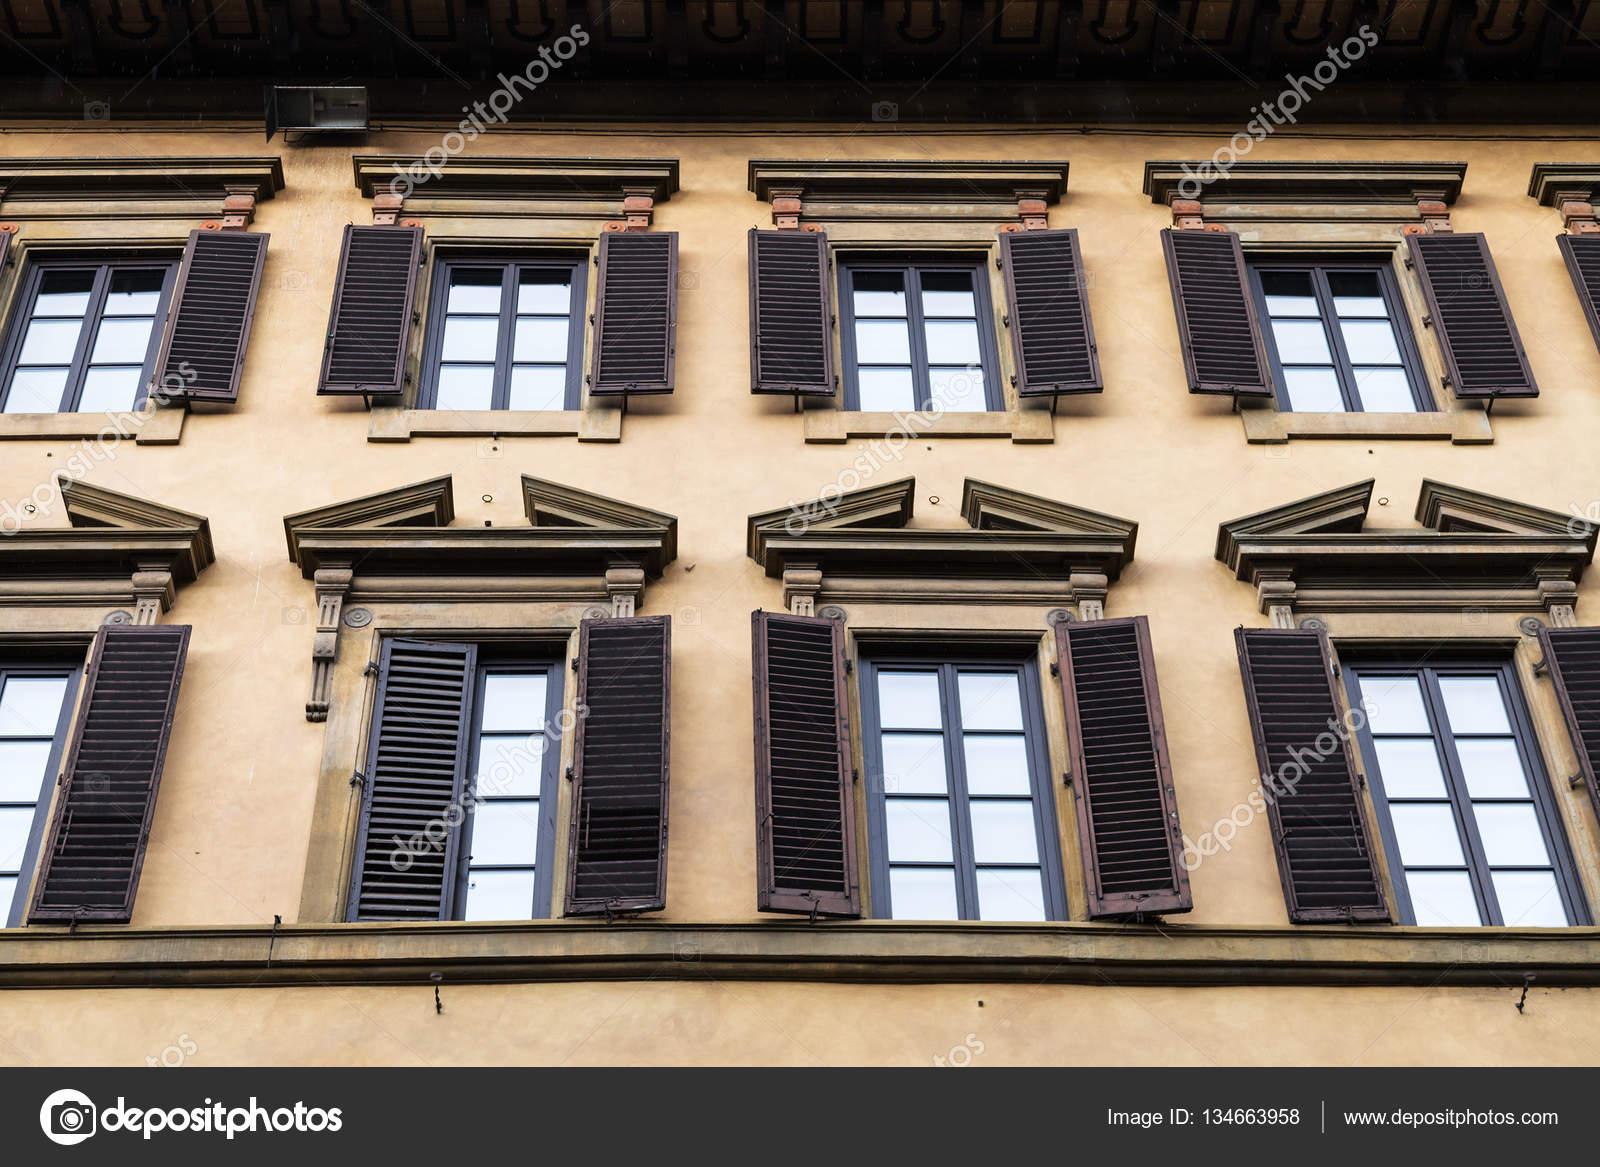 Bezaubernd Fassade Haus Beste Wahl Windows Auf Alter In Florenz — Stockfoto